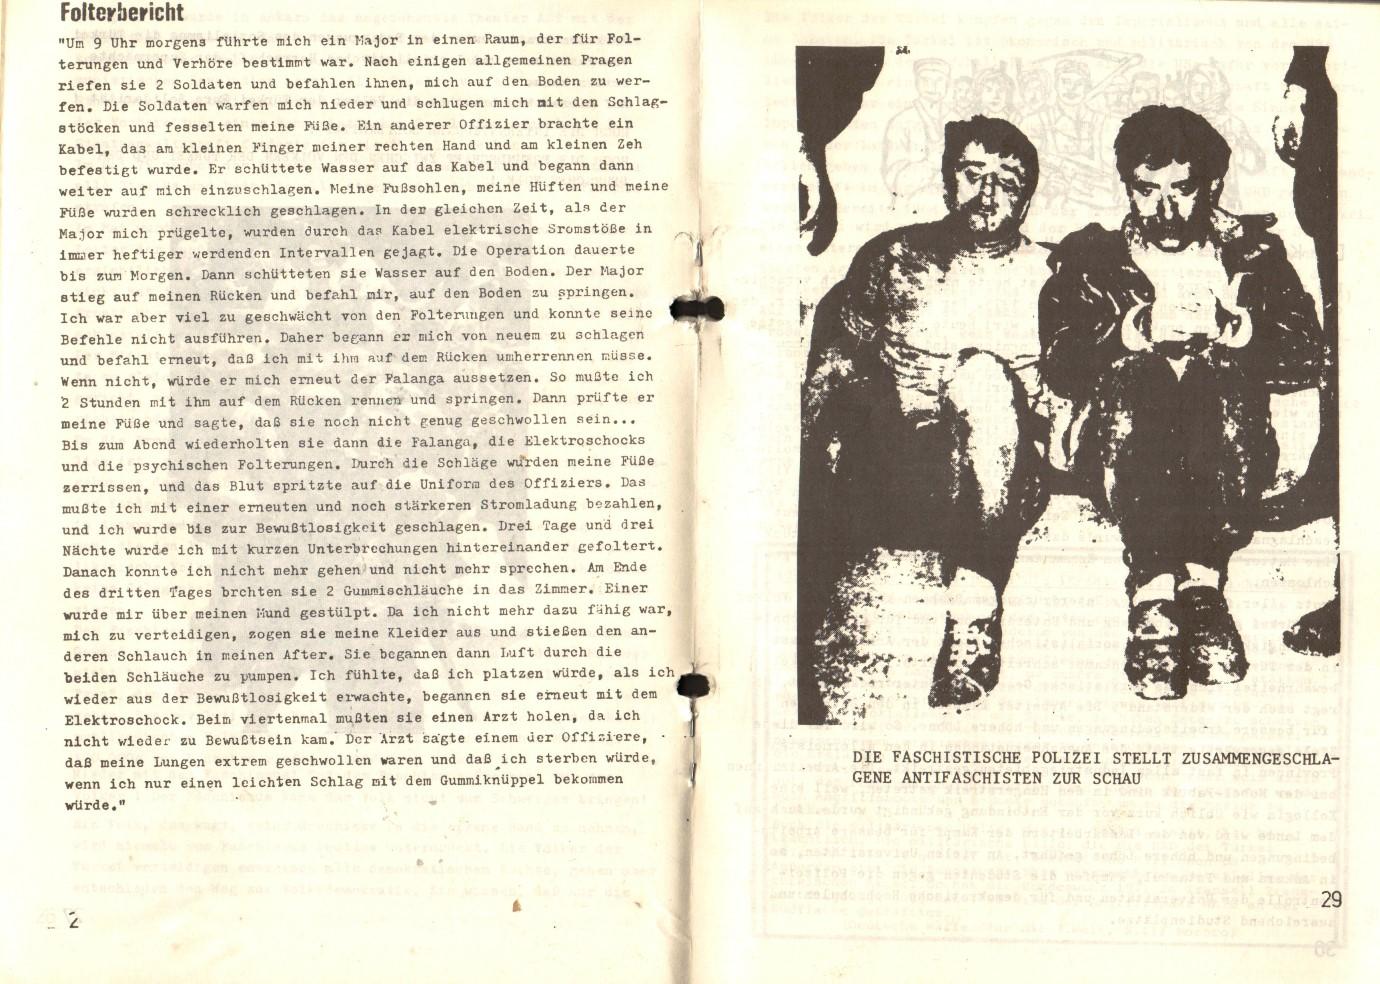 NRW_Rote_Hilfe_1975_Sofortige_Freilassung_der_tuerkischen_Patrioten_16